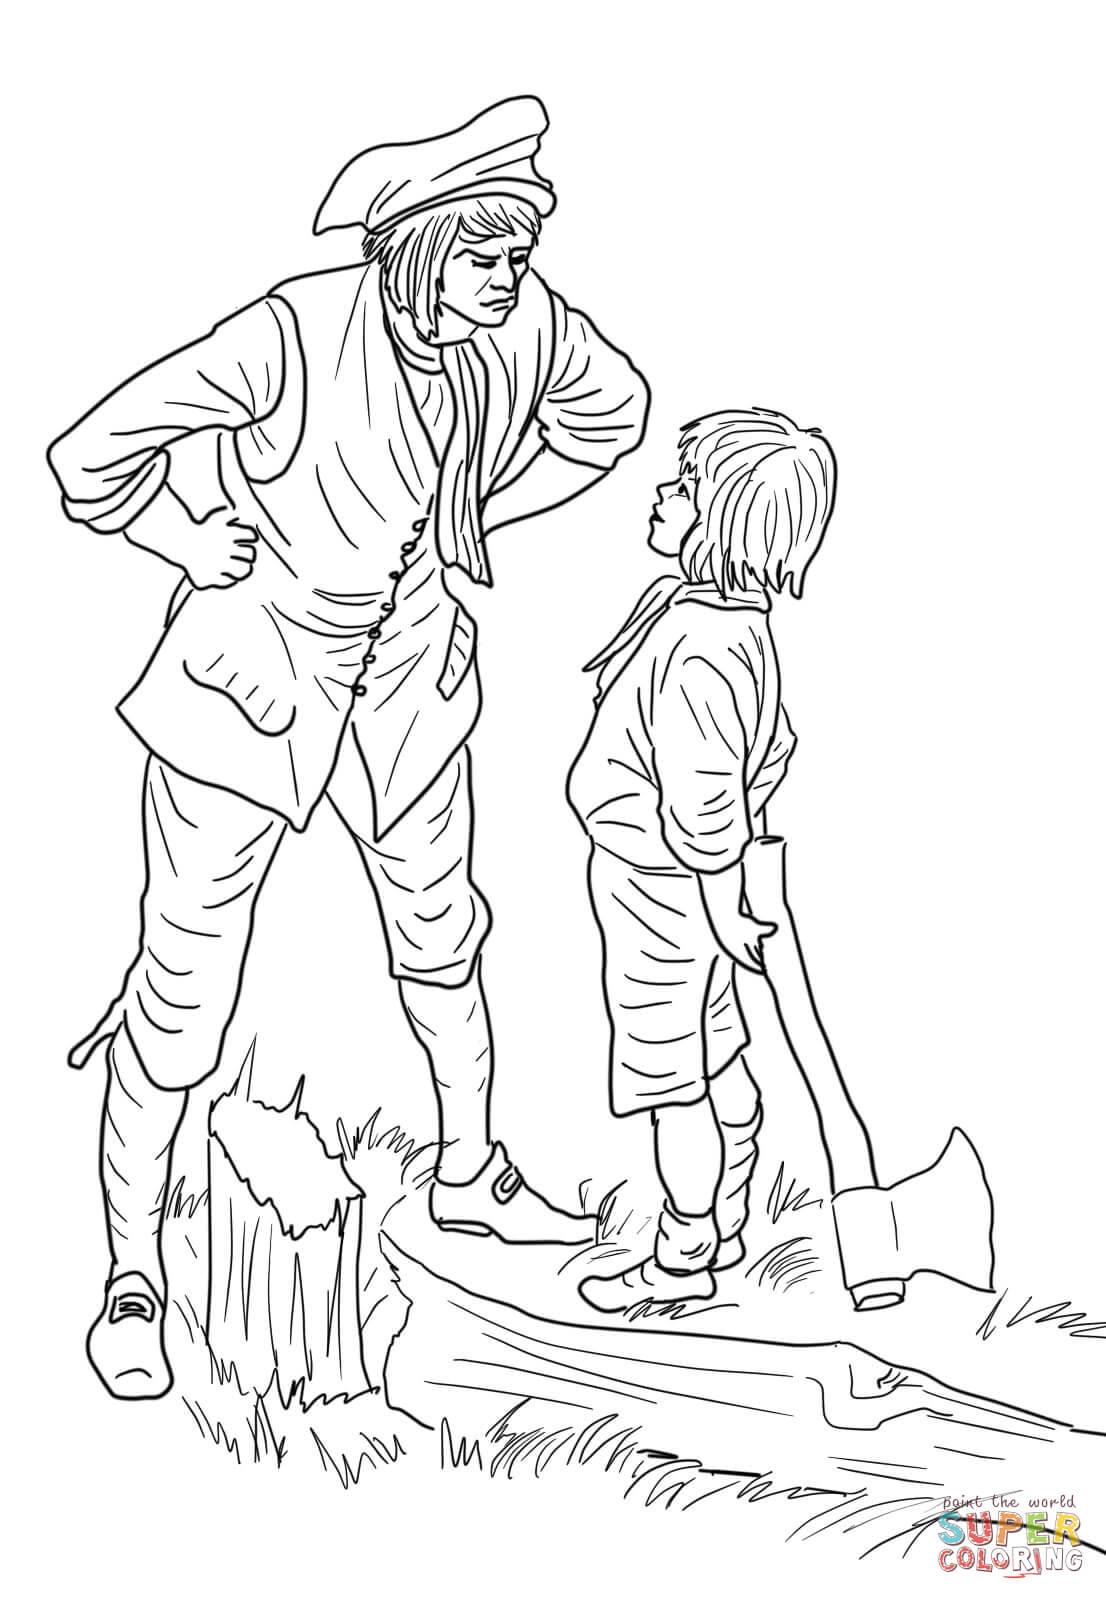 Dibujo De George Washington Y El Cerezo Para Colorear